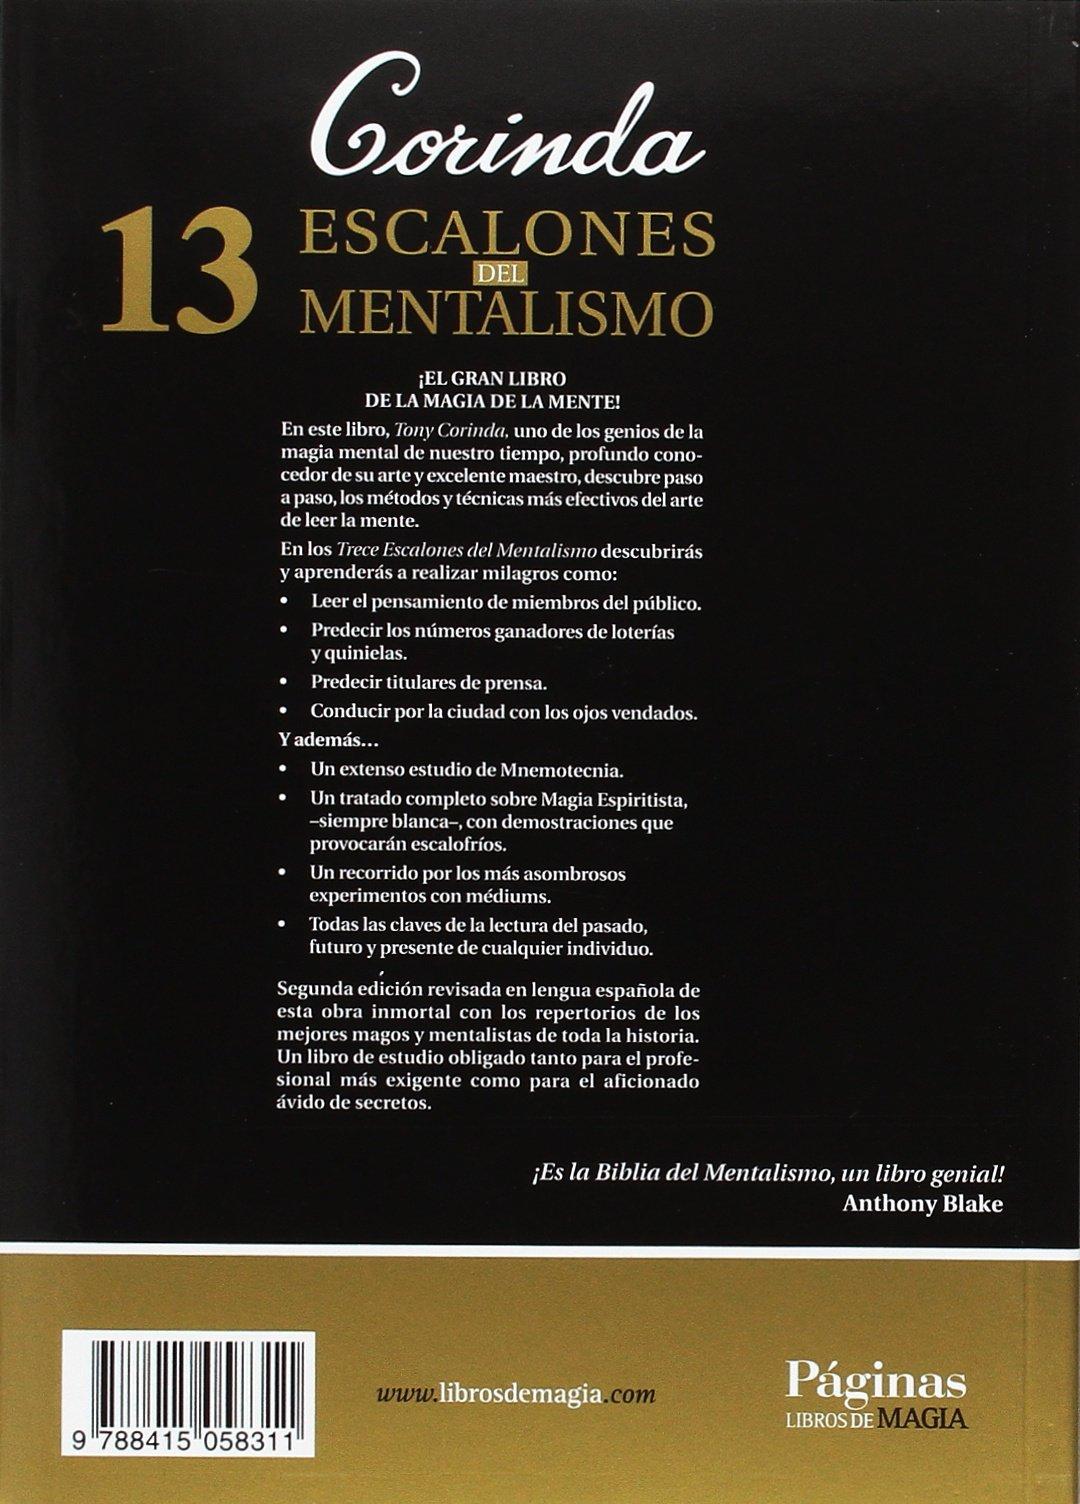 13 escalones del mentalismo